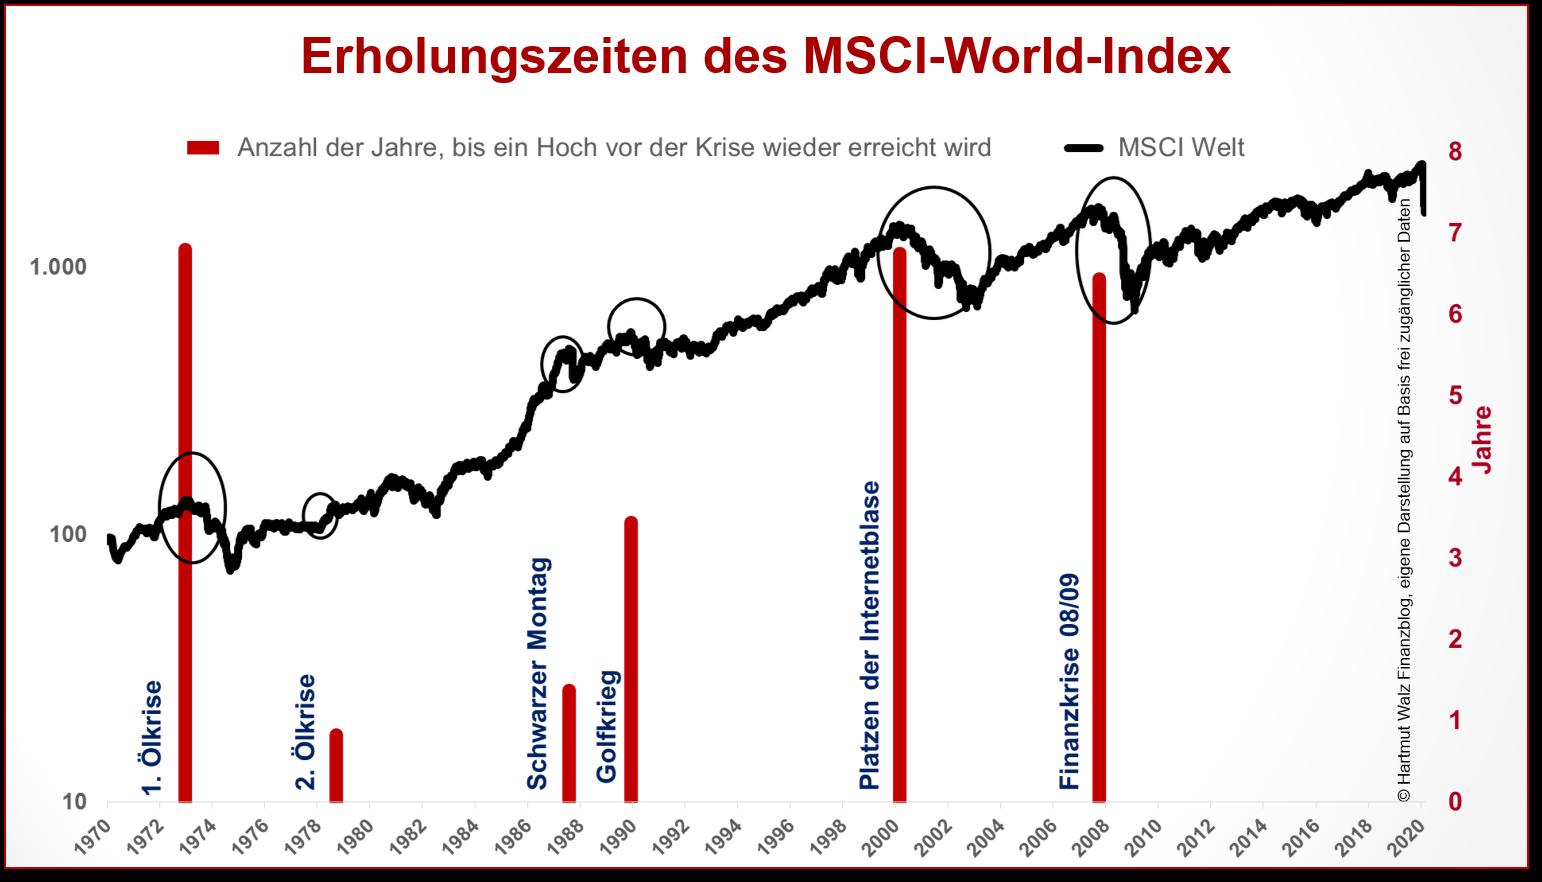 Erholungszeiten des MSCI-World-Index